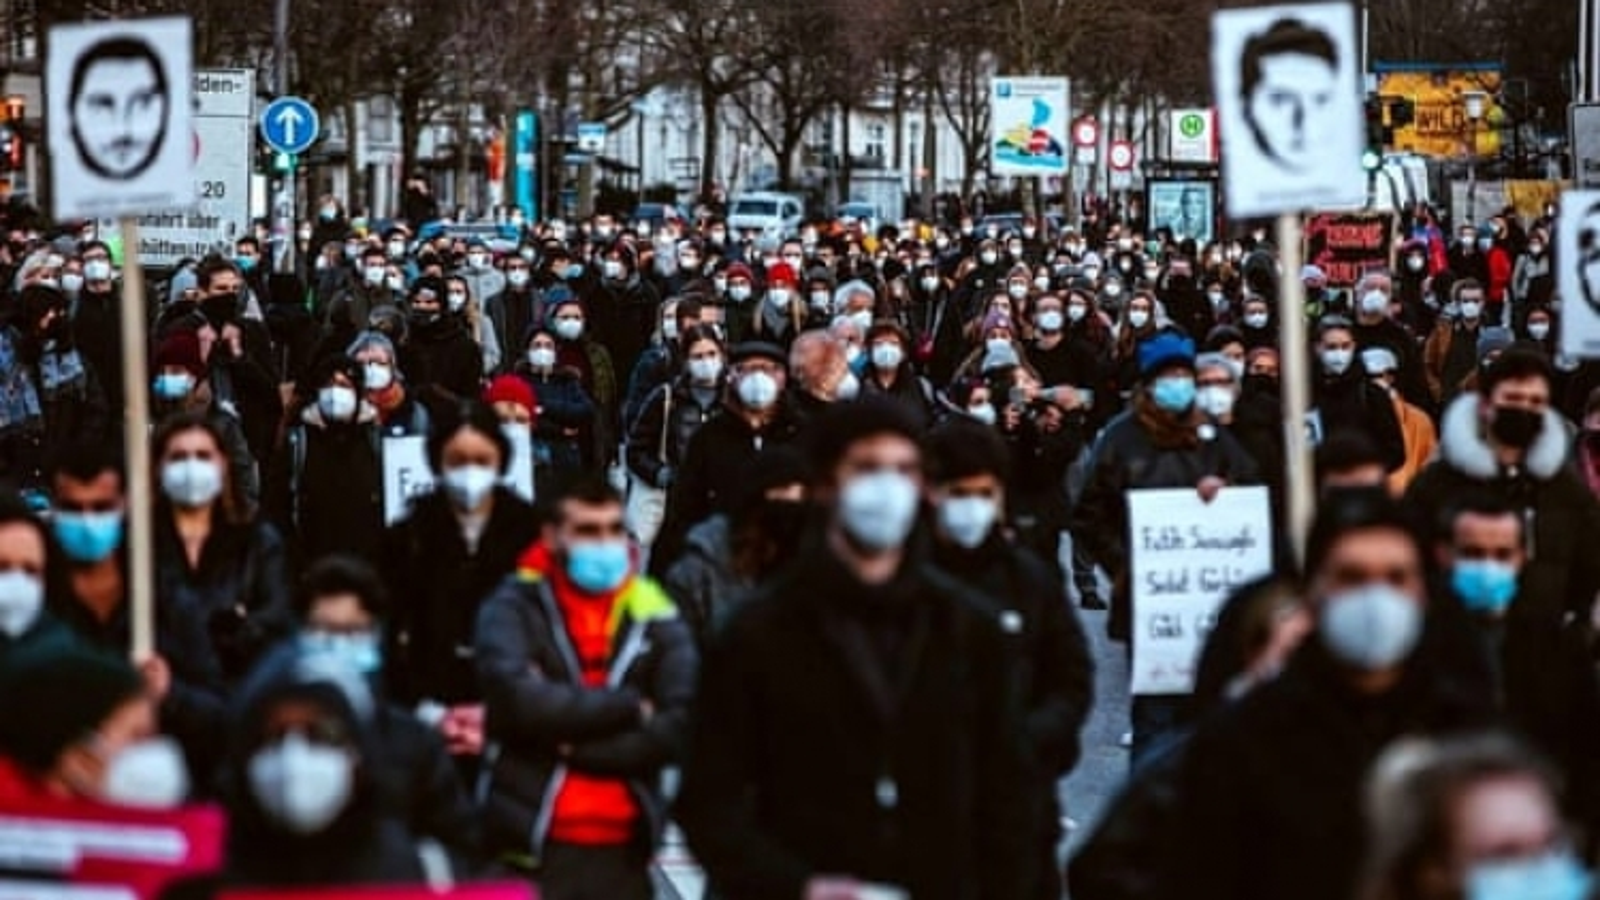 Tội phạm cực hữu trở thành đe dọa an ninh lớn nhất với Đức